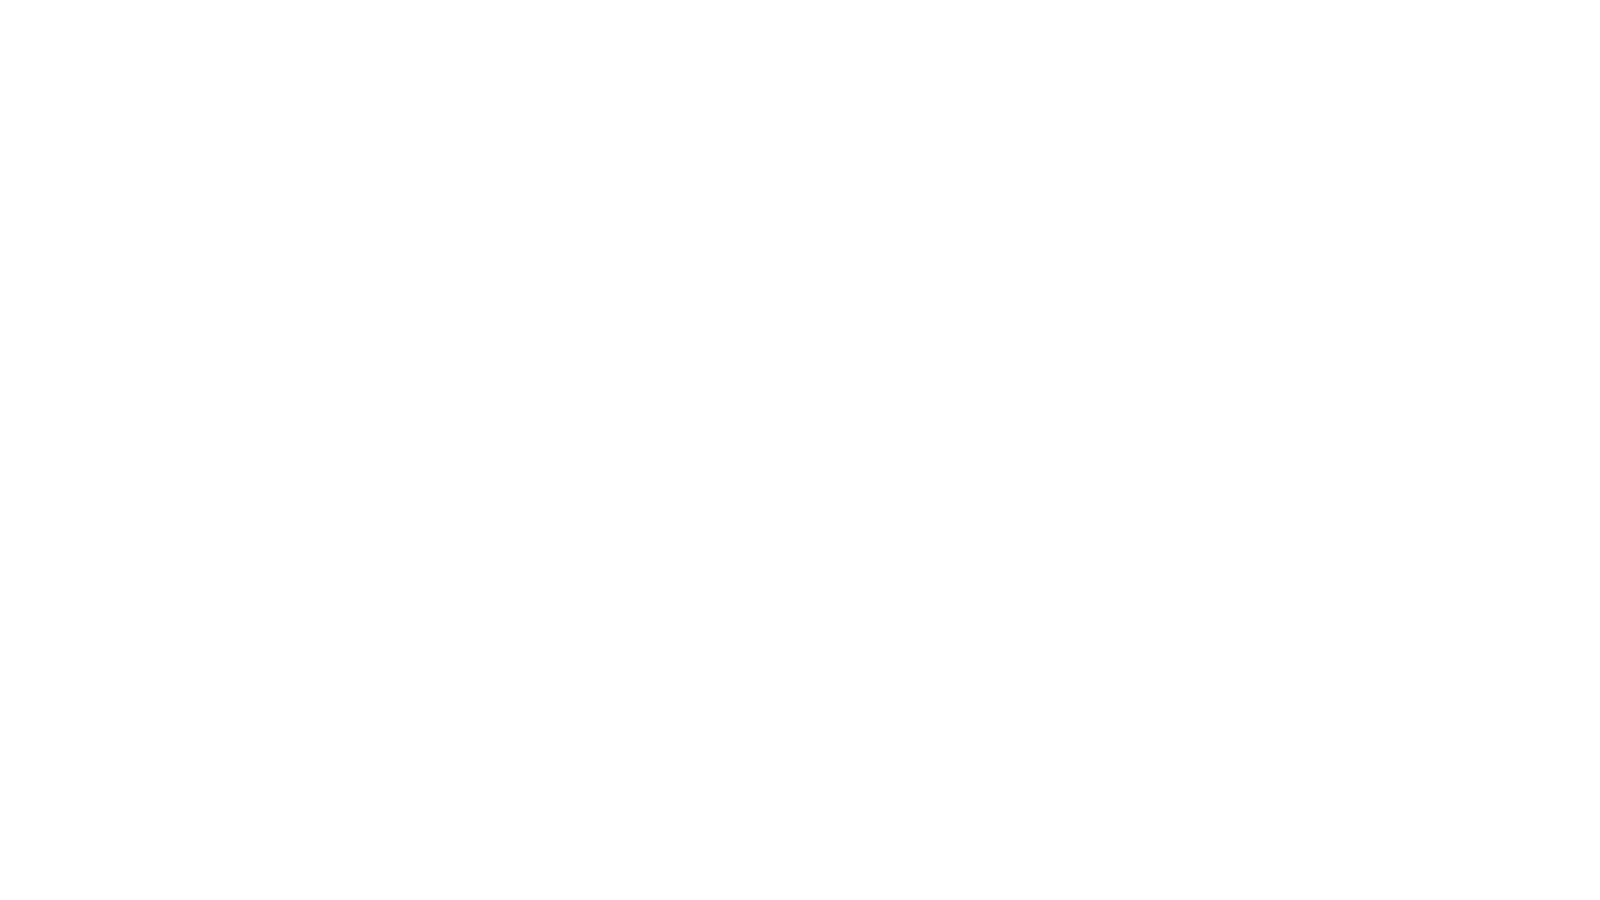 Idag bjuder jag på lite fika😍  Frasiga baklava med en fin form.  Festliga att servera till fikat❤️ Gillar du baklava?  Recept med exakta mått finns här ⬇️ https://zeinaskitchen.se/baklavakransar/  Följ mig på Instagram🌶 https://www.instagram.com/zeinaskitchen/